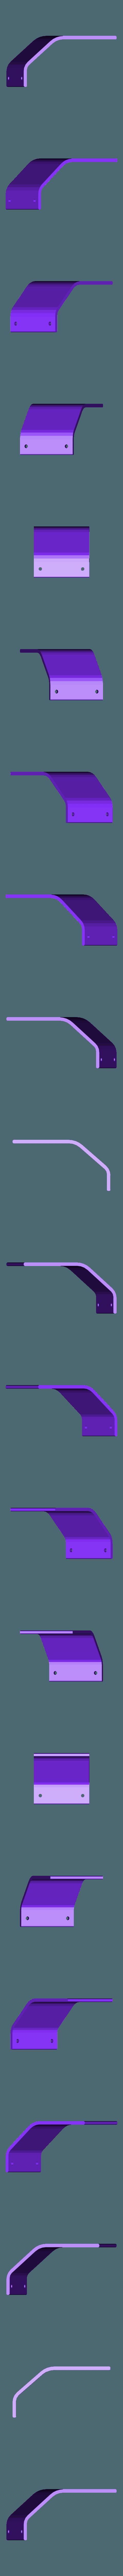 Bumper dowm plate.STL Download free STL file 1/10 RC 4WD TRUGGY BT250.2 • 3D printer object, ivnssnn